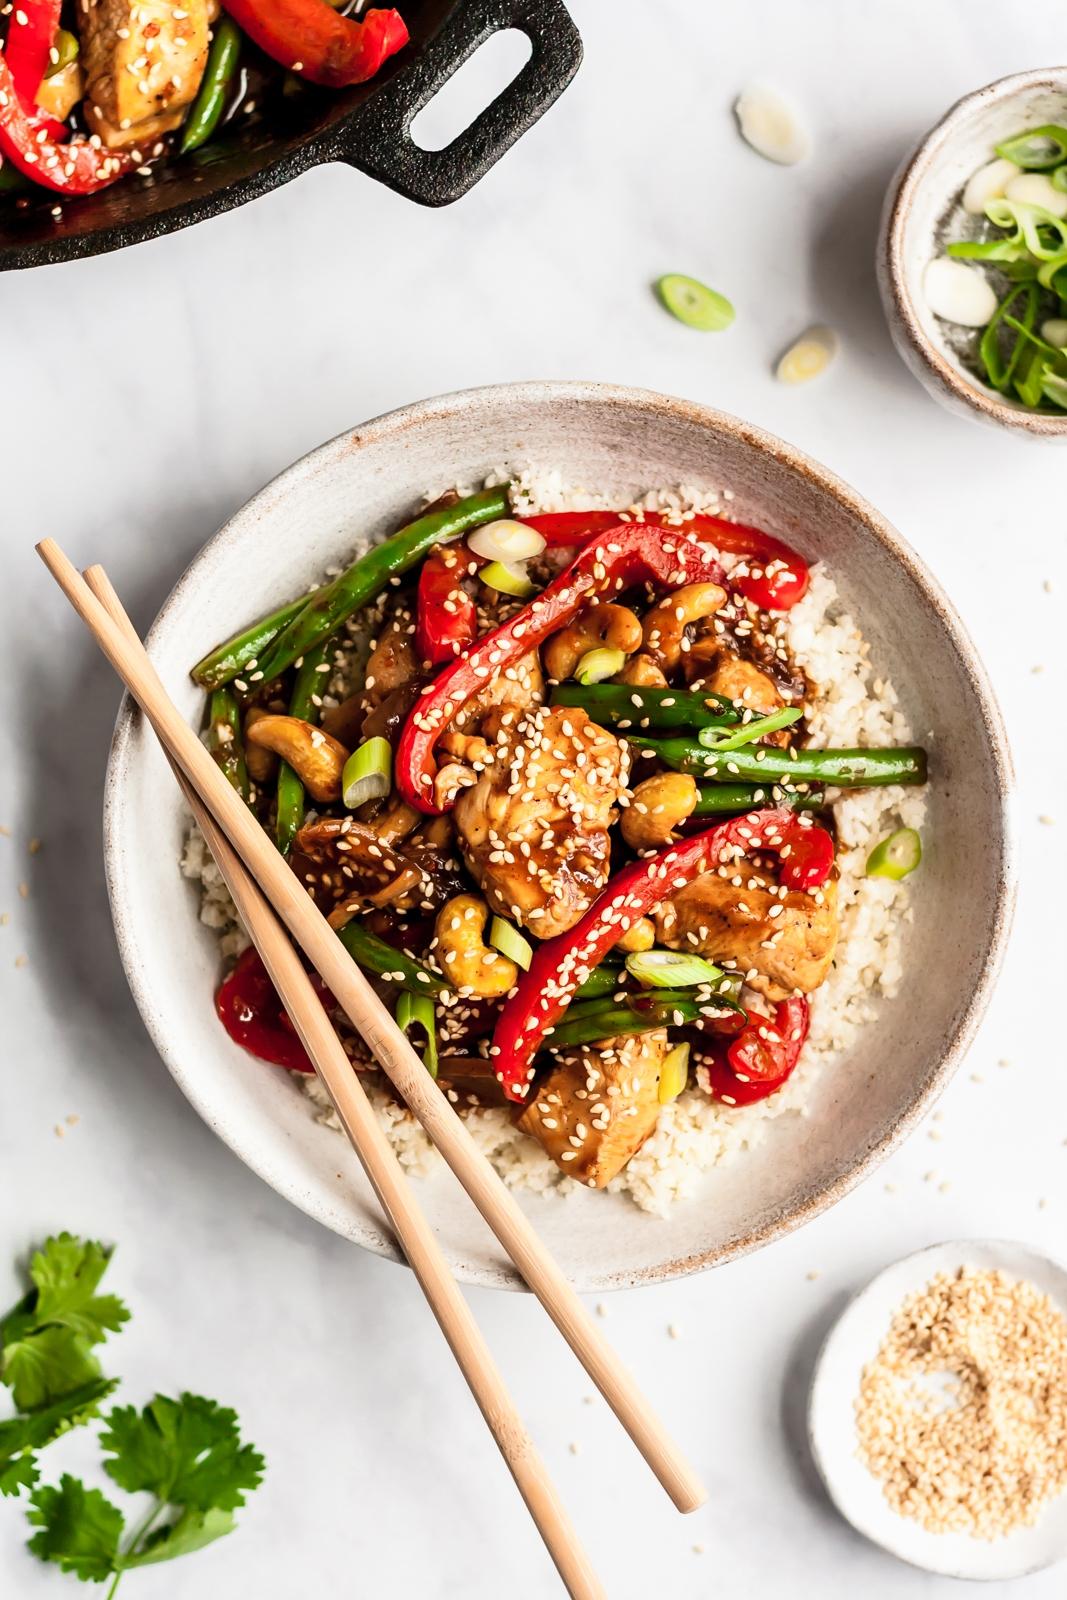 healthy orange chicken stir fry in a bowl over cauliflower rice